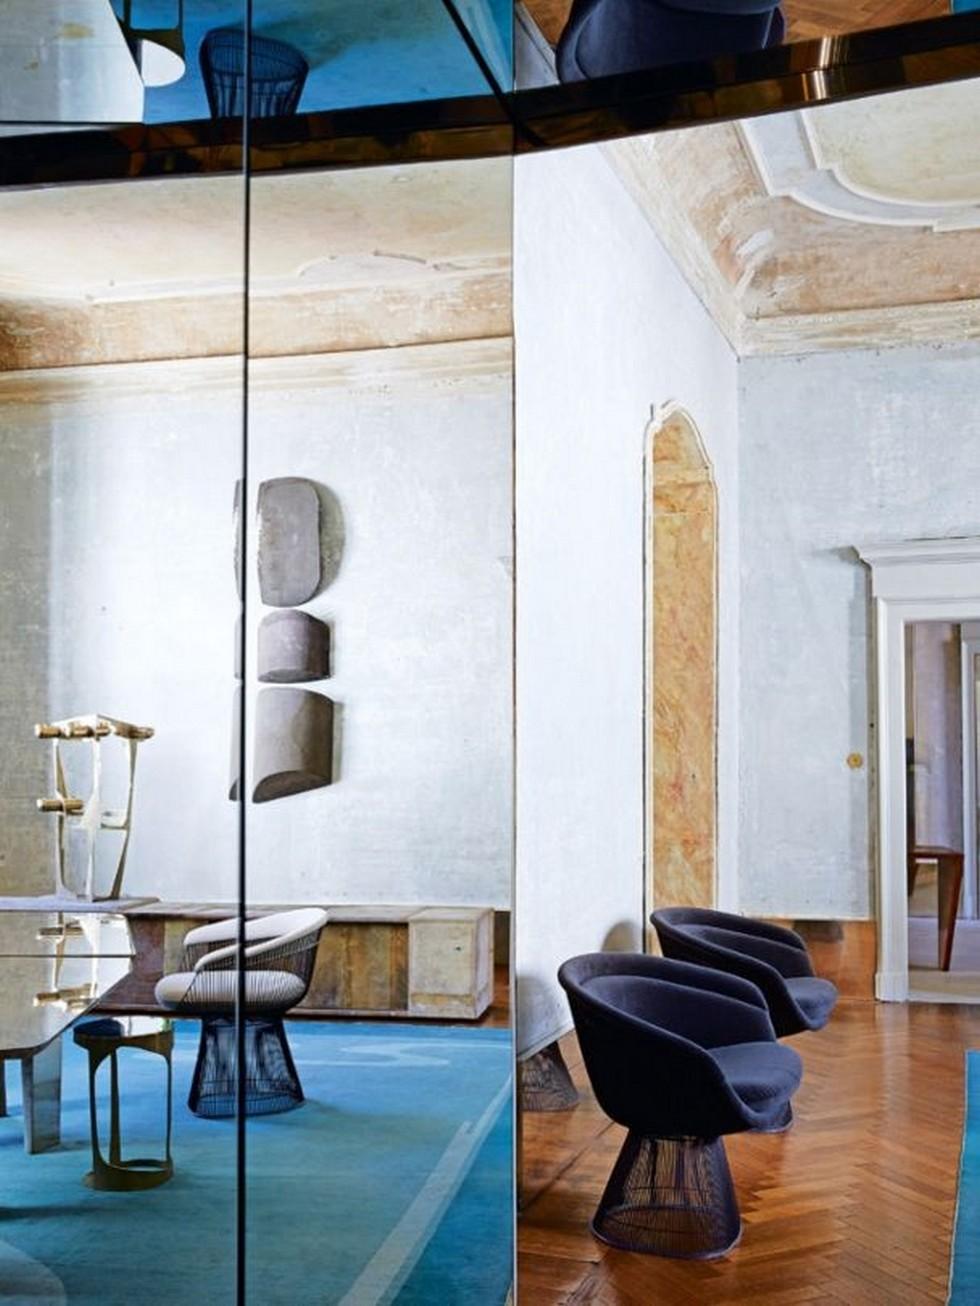 best milan interior designers Vincenzo de Cotiis vincenzo de cotiis Milan House tour – discover Vincenzo de Cotiis palazzo apartment Milan House tour     discover Vincenzo de Cotiis palazzo apartment 8